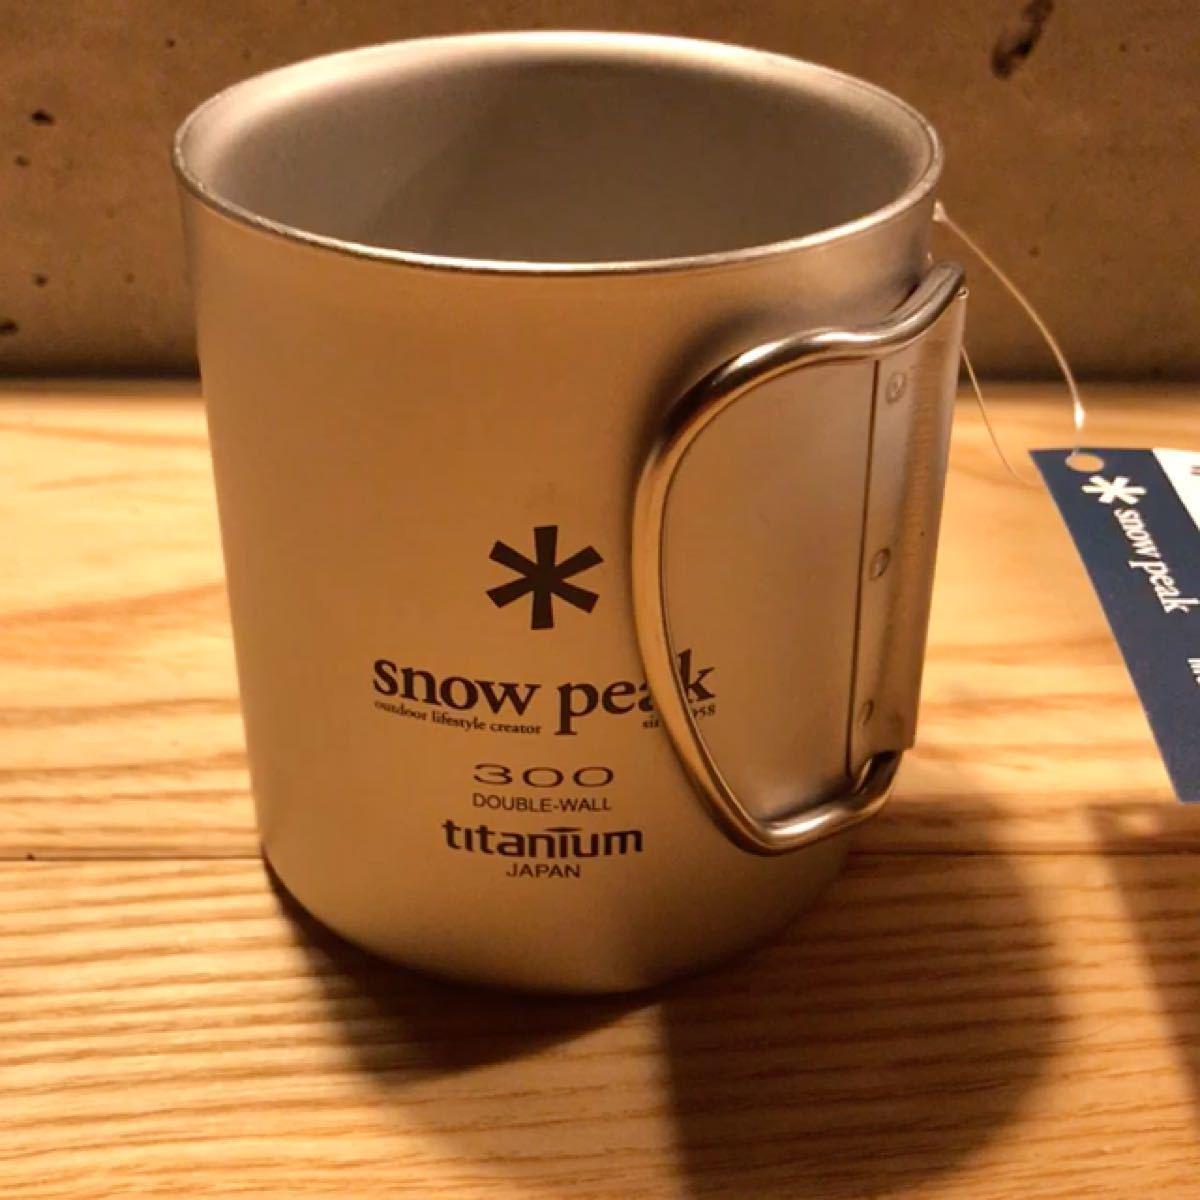 スノーピーク マグカップ snow peak チタンダブルマグ300